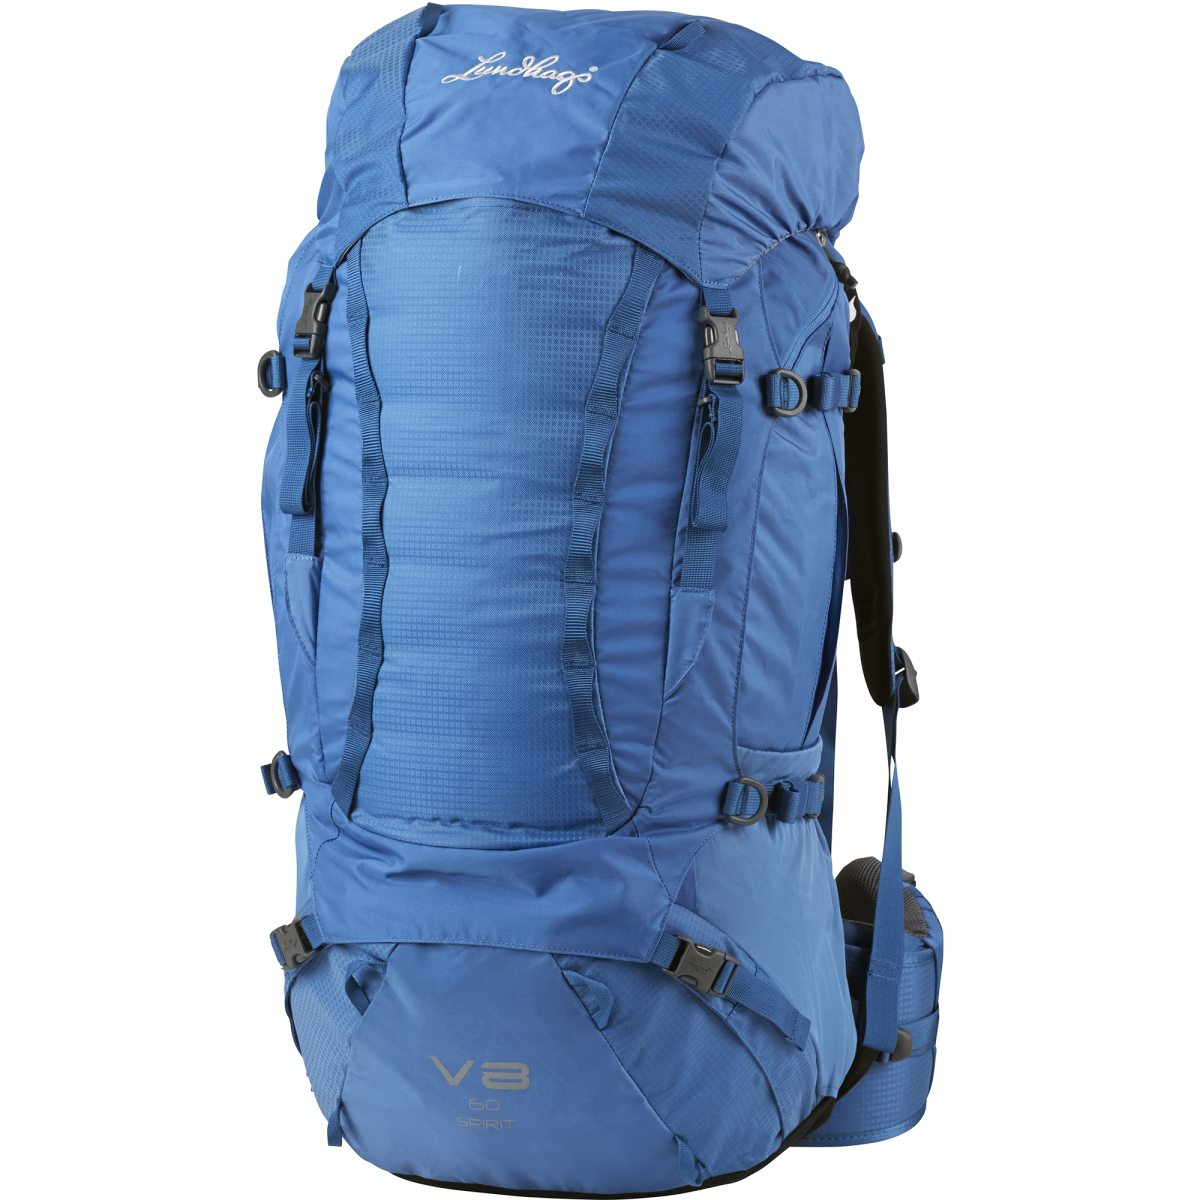 lundhags v12 75 ryggsäck vandringsryggsäckar finns på PricePi.com. e7573aece902b